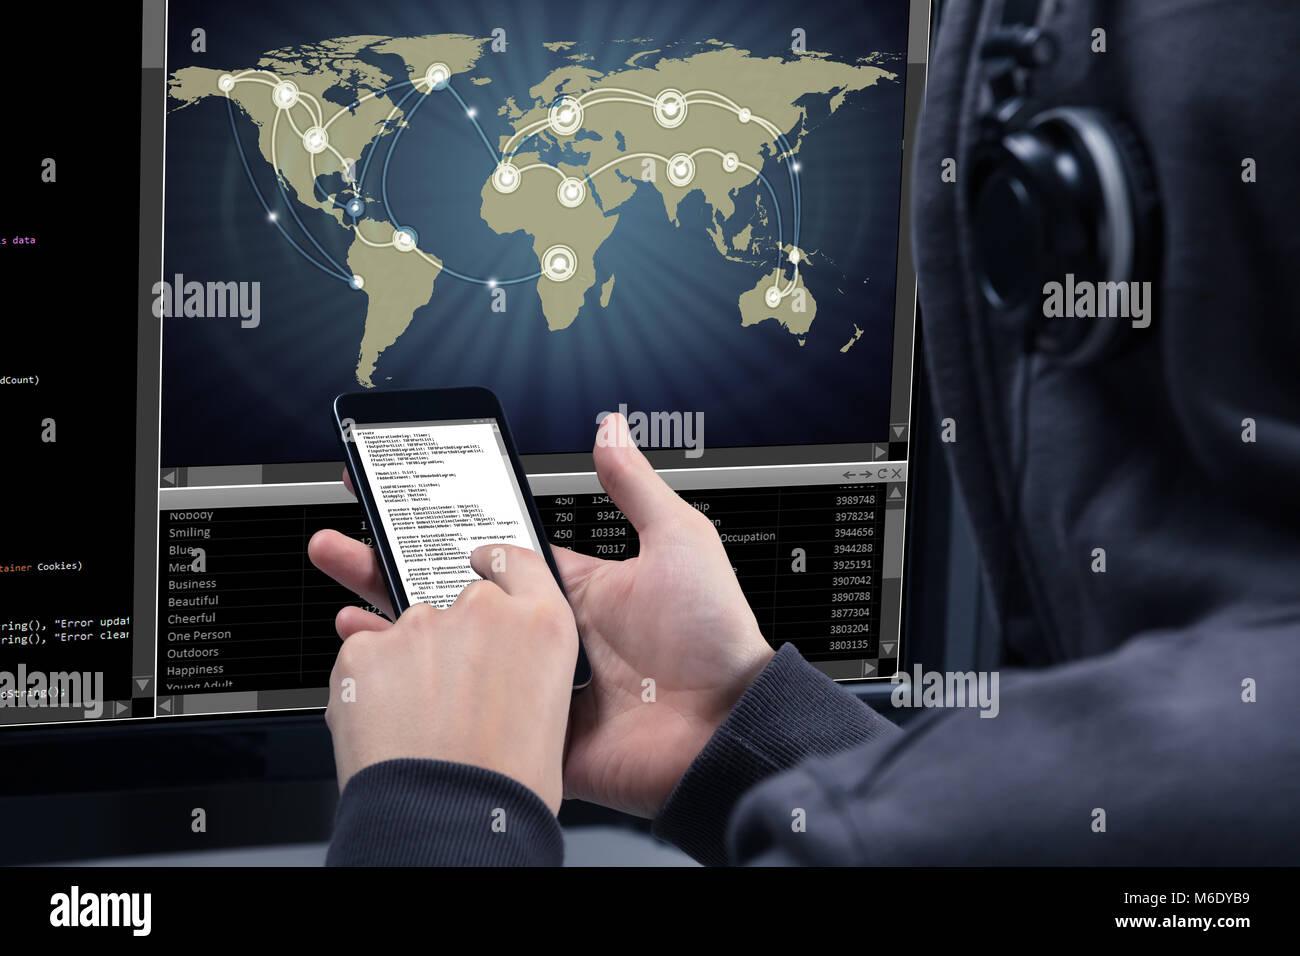 Handy hacken: mehr Freiheiten, aber auch Risiken